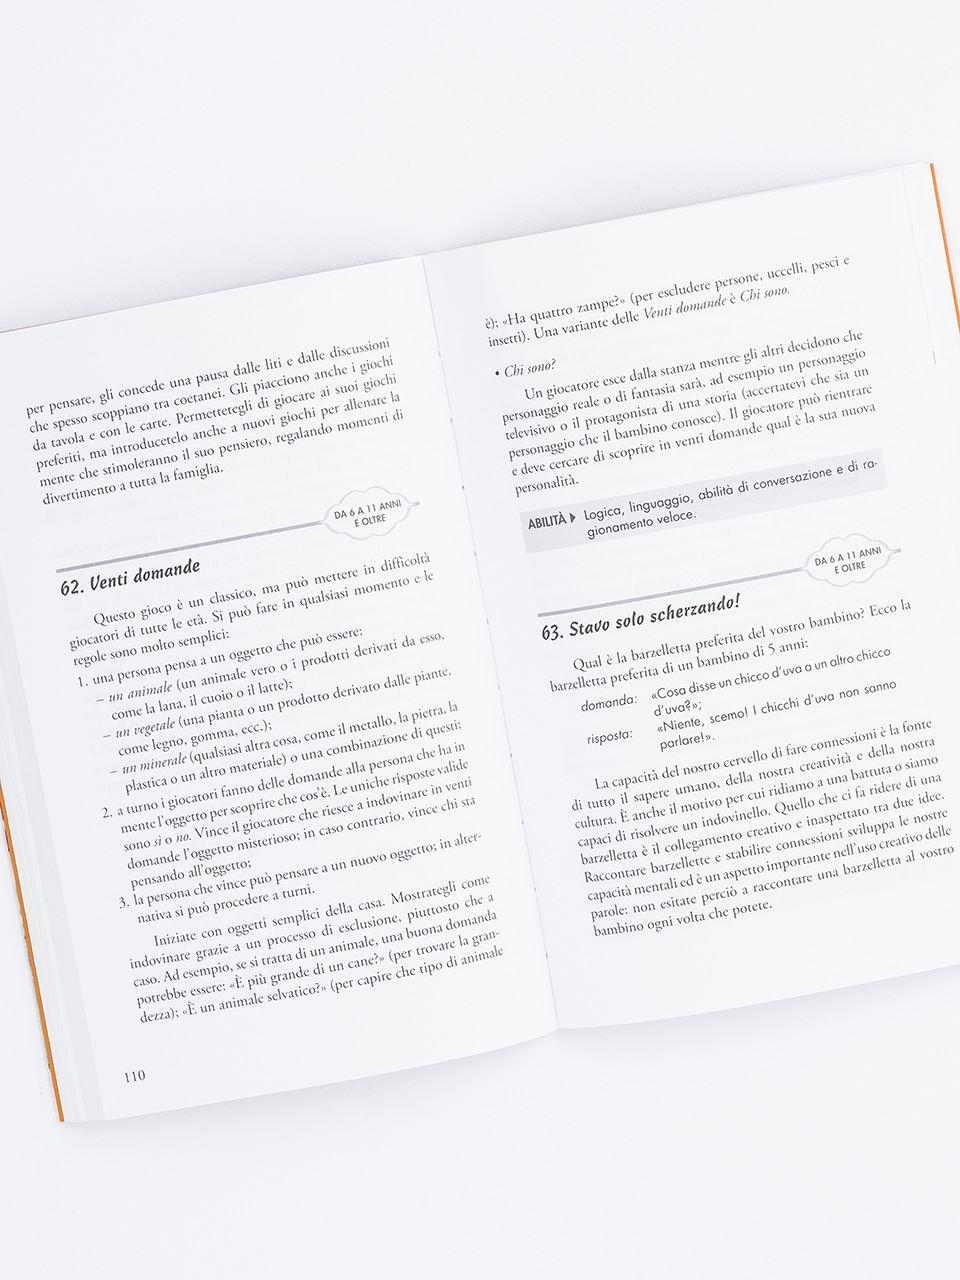 Allena-mente - Libri - Erickson 2